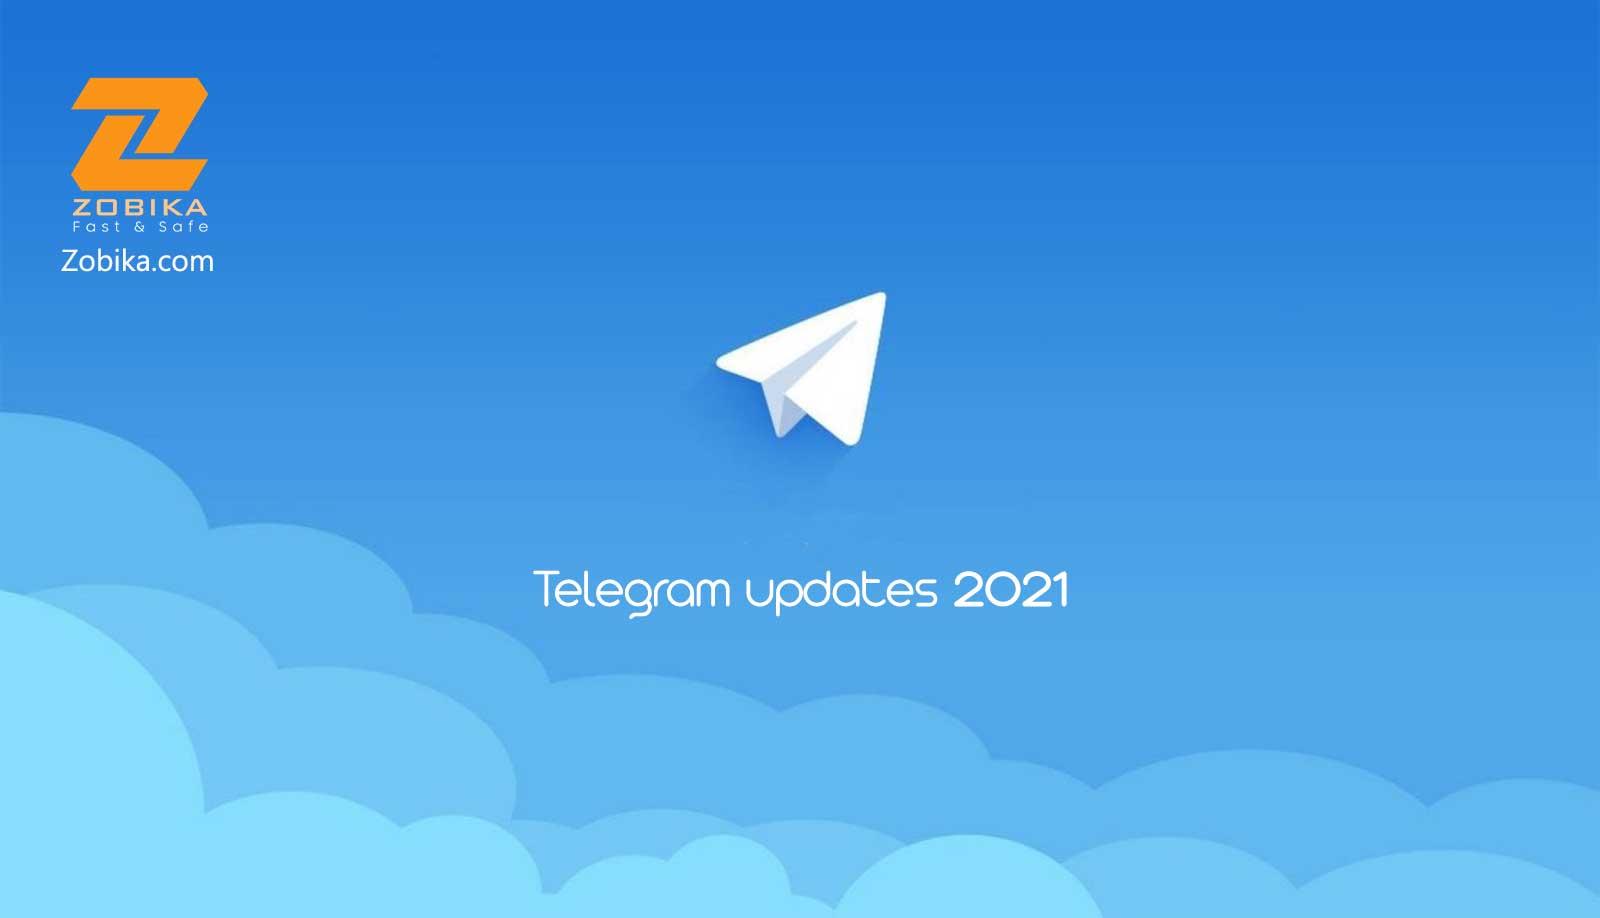 telegram updates 2021